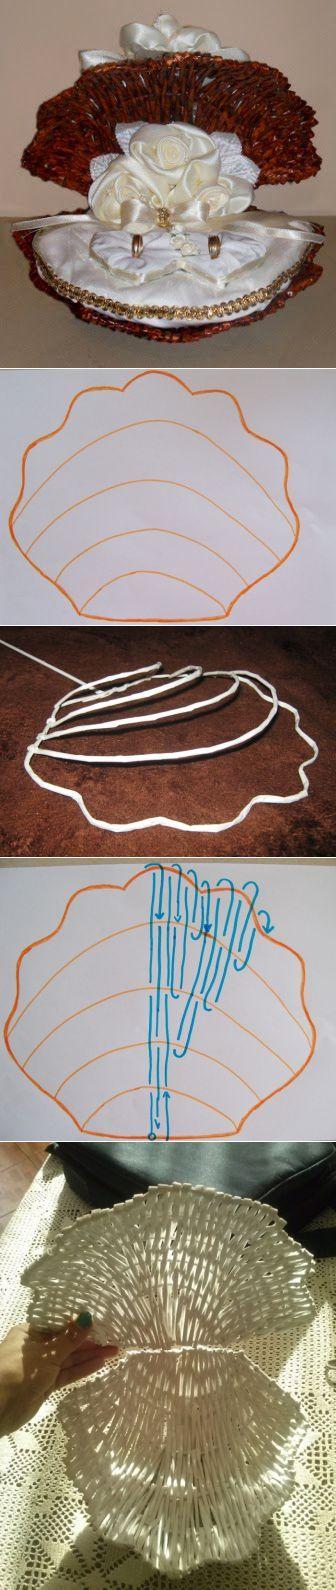 Морская раковина из газетных трубочек. Элегантное интерьерное украше | плетение из газет | Постила